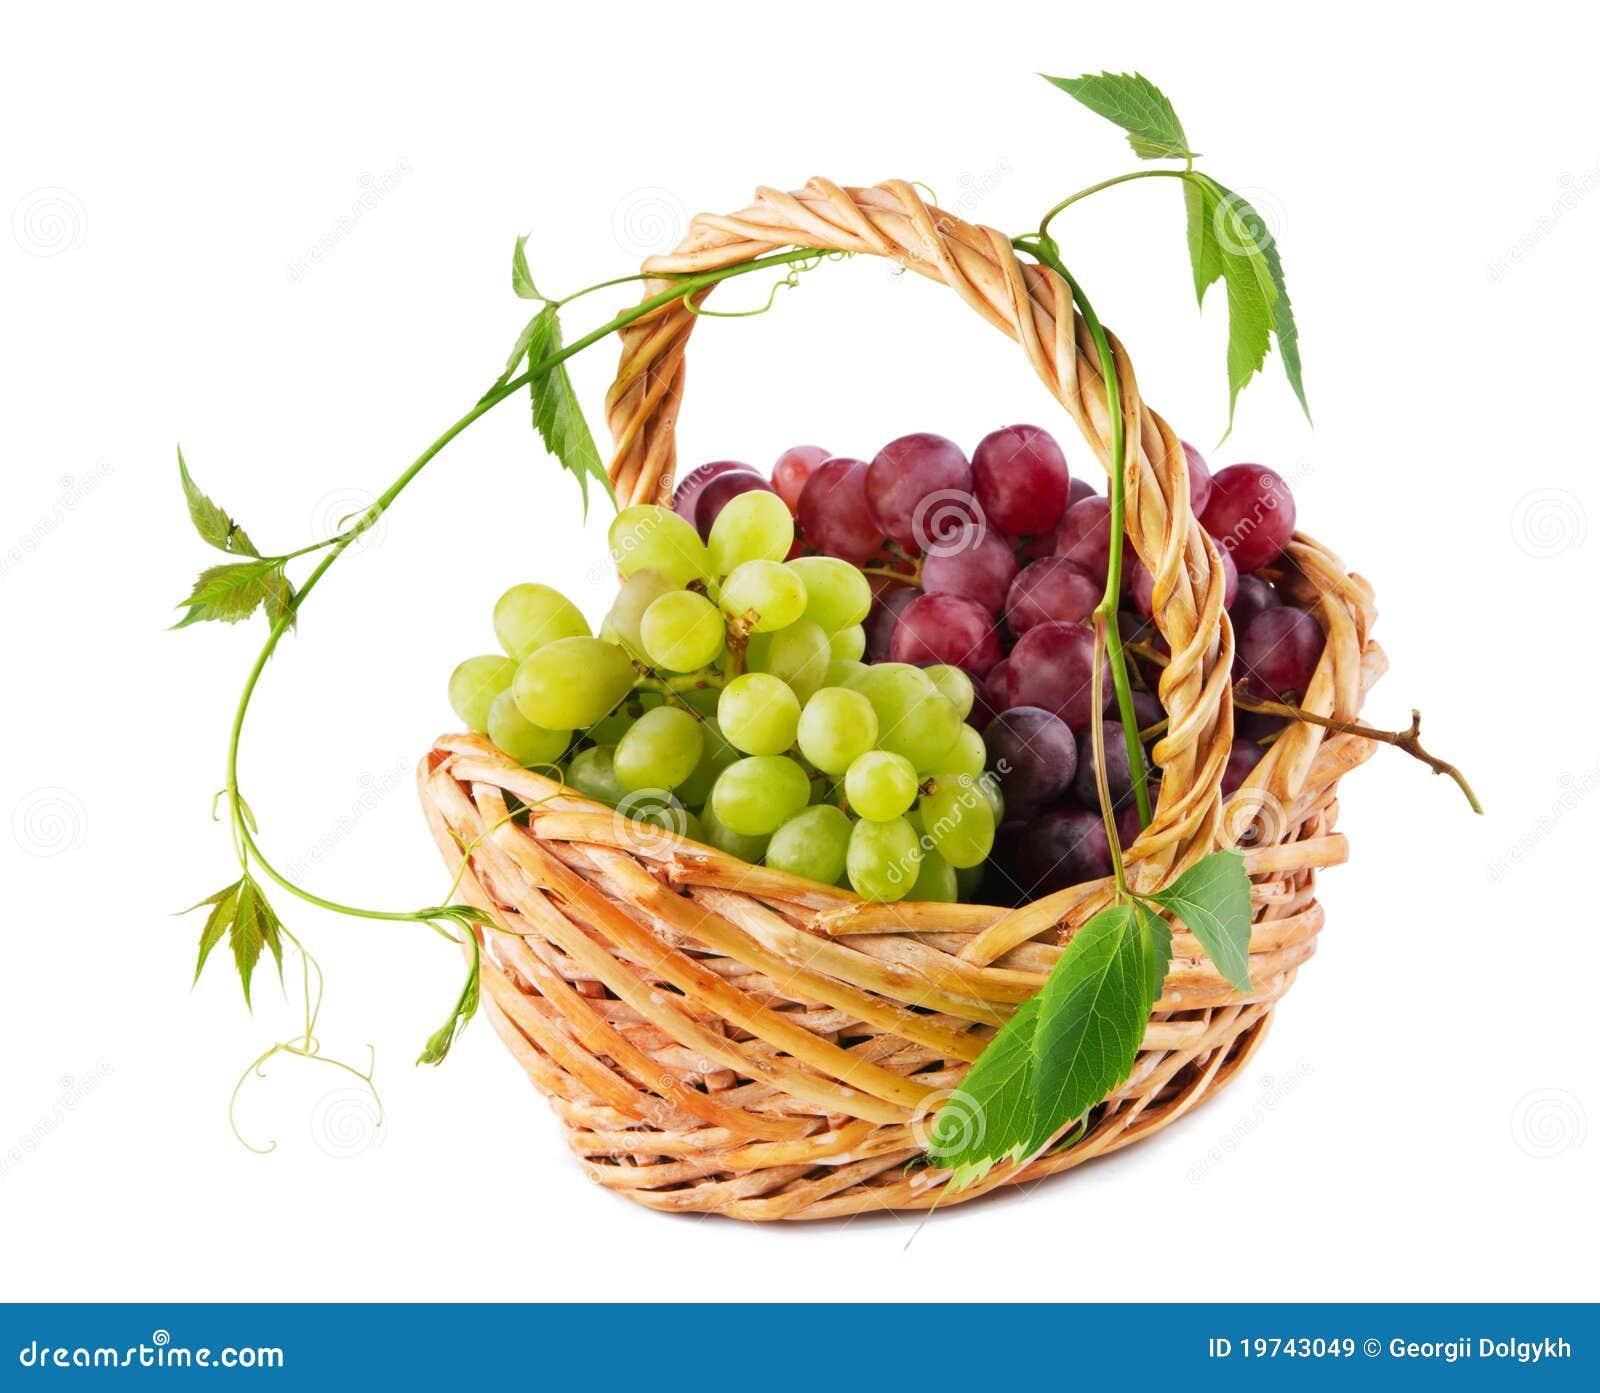 柳条篮子的葡萄